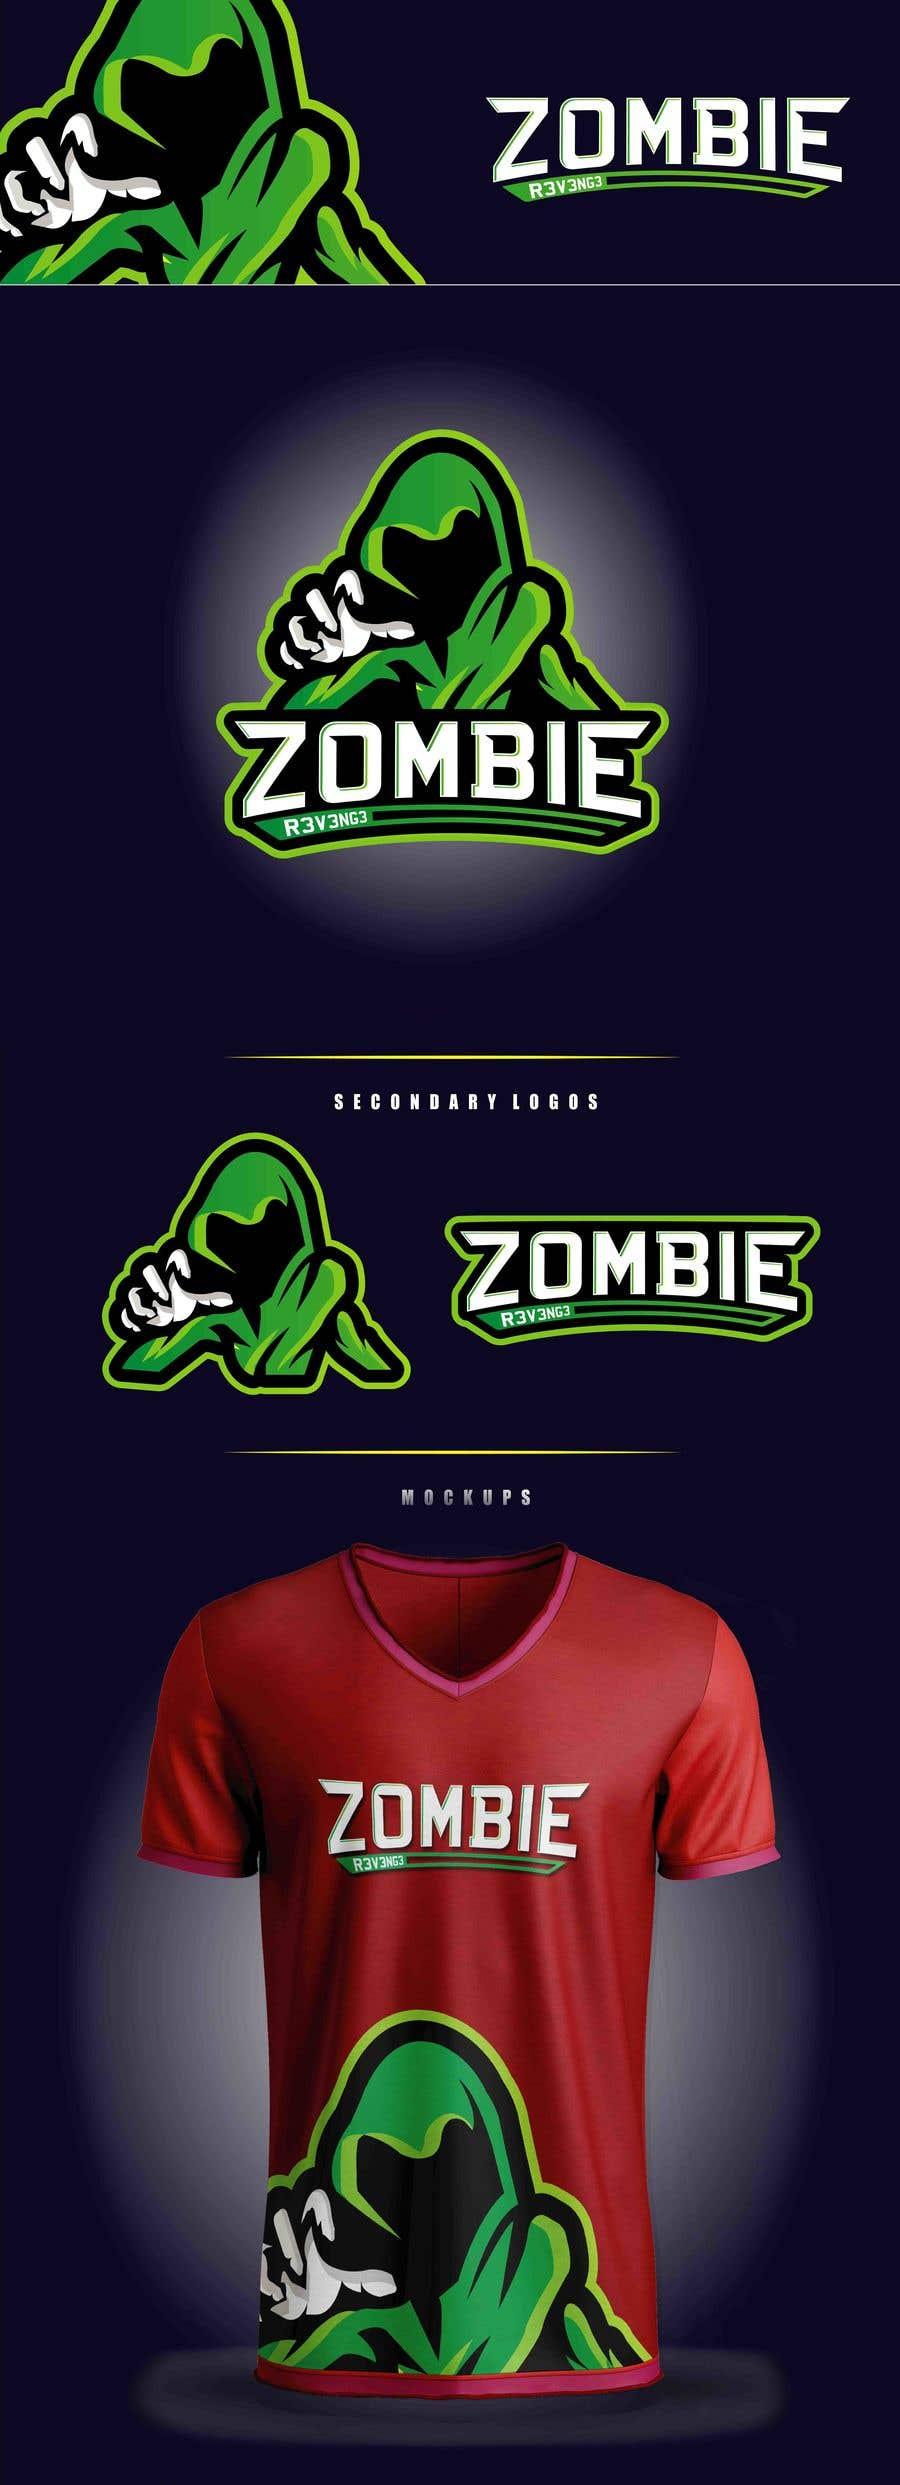 Zgłoszenie konkursowe o numerze #23 do konkursu o nazwie /need a logo for gaming channel